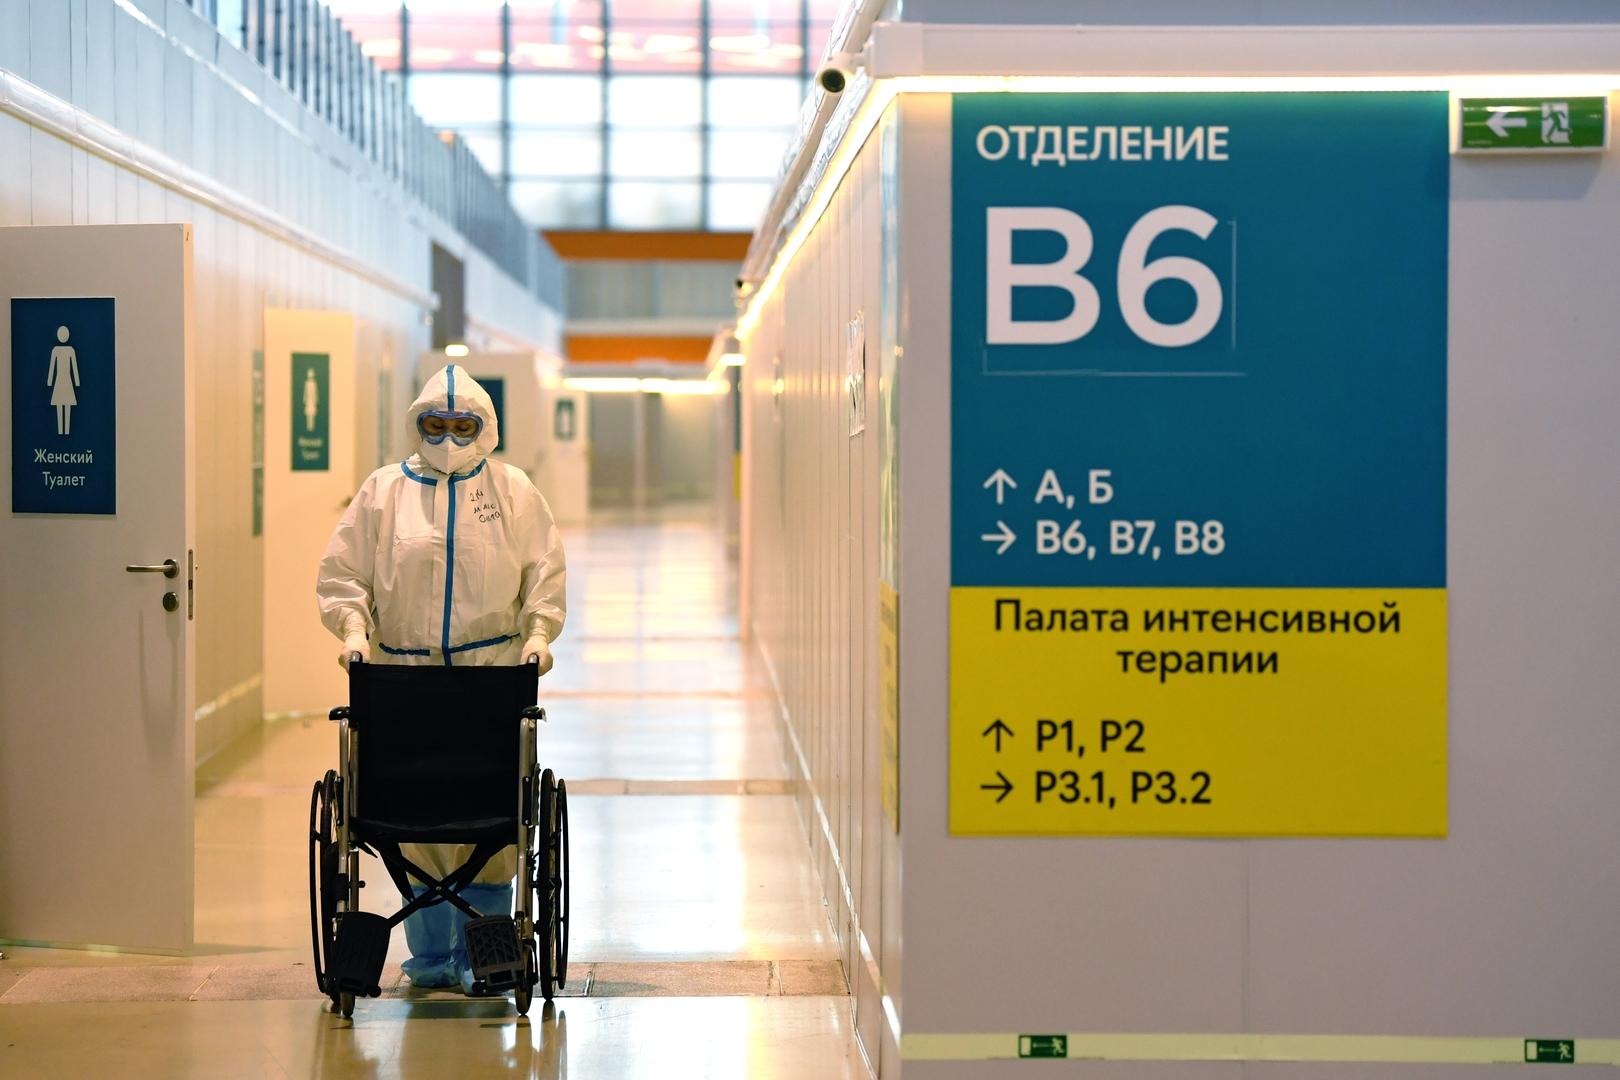 لأول مرة وفيات كورونا تتجاوز ألف حالة في يوم واحد منذ انتشار الوباء في روسيا